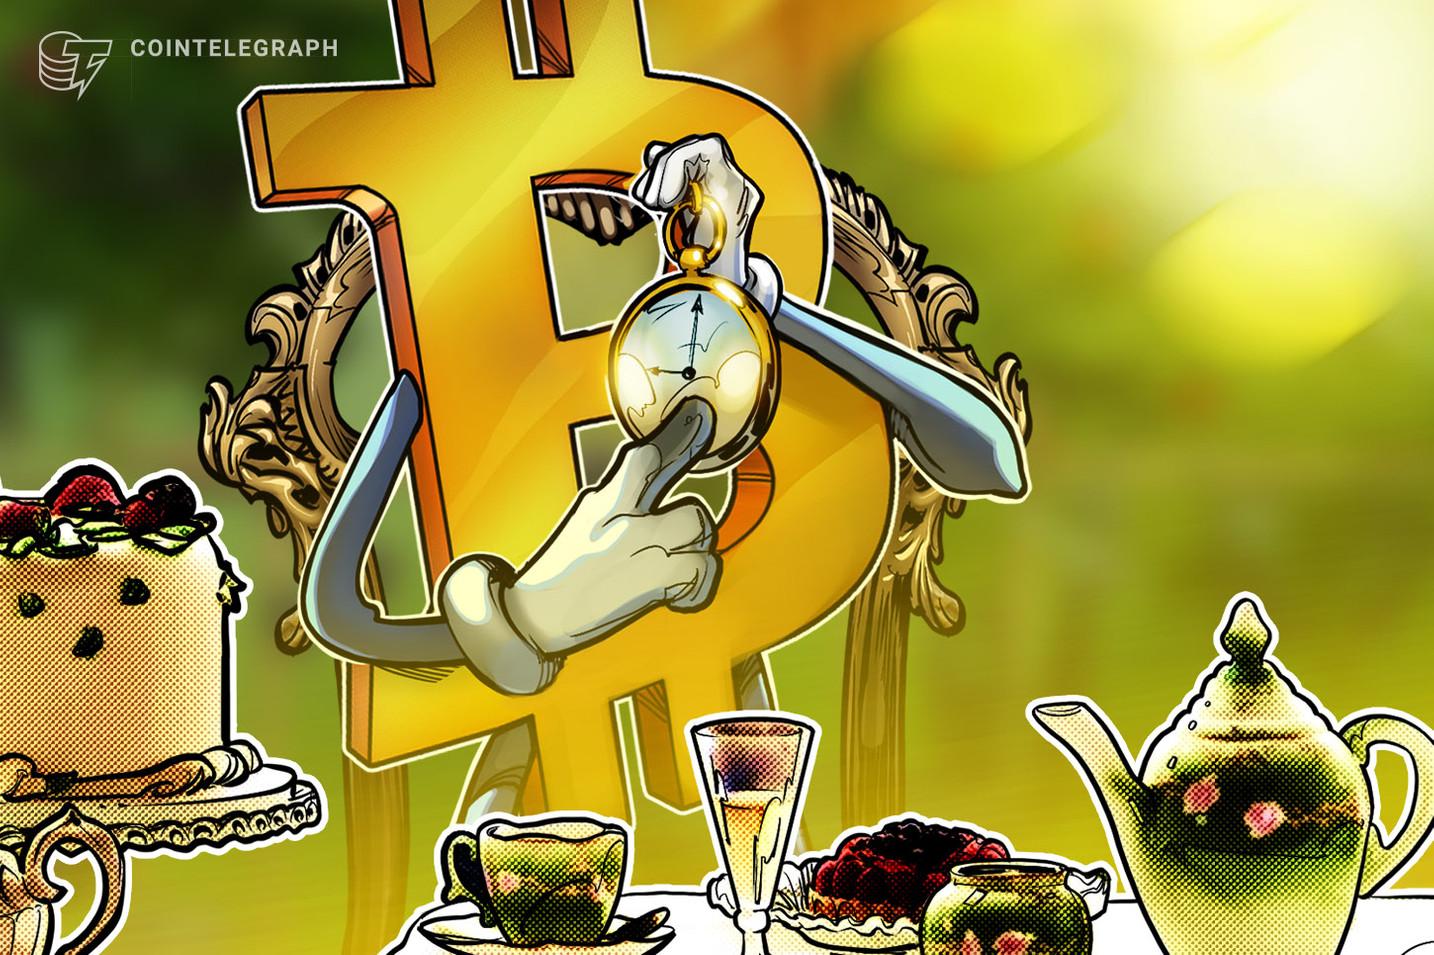 Yatırımcılar dikkat: Bu hafta Bitcoin fiyatını etkileyecek 5 faktör